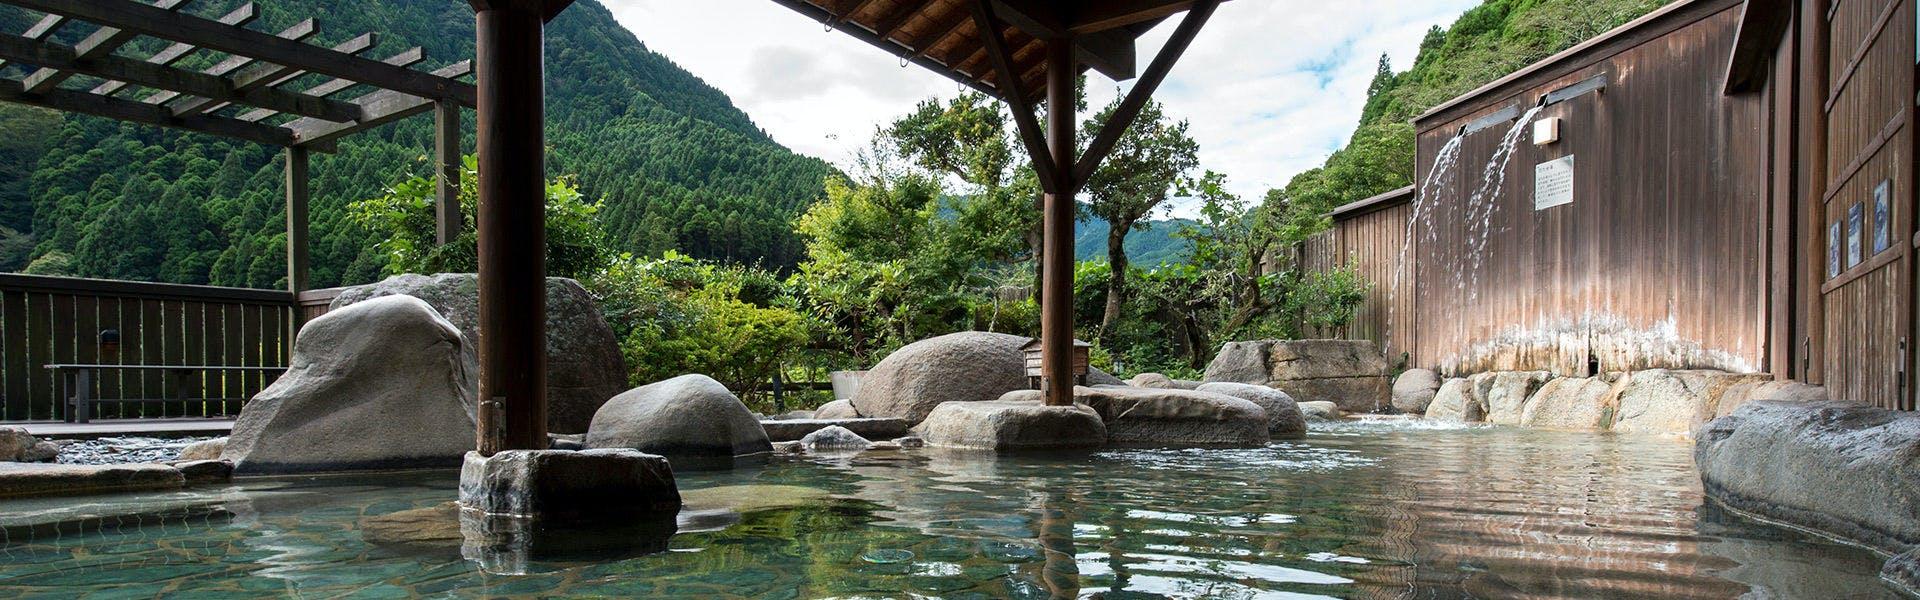 記念日におすすめのホテル・【古湯温泉 ONCRI / おんくり】の写真1